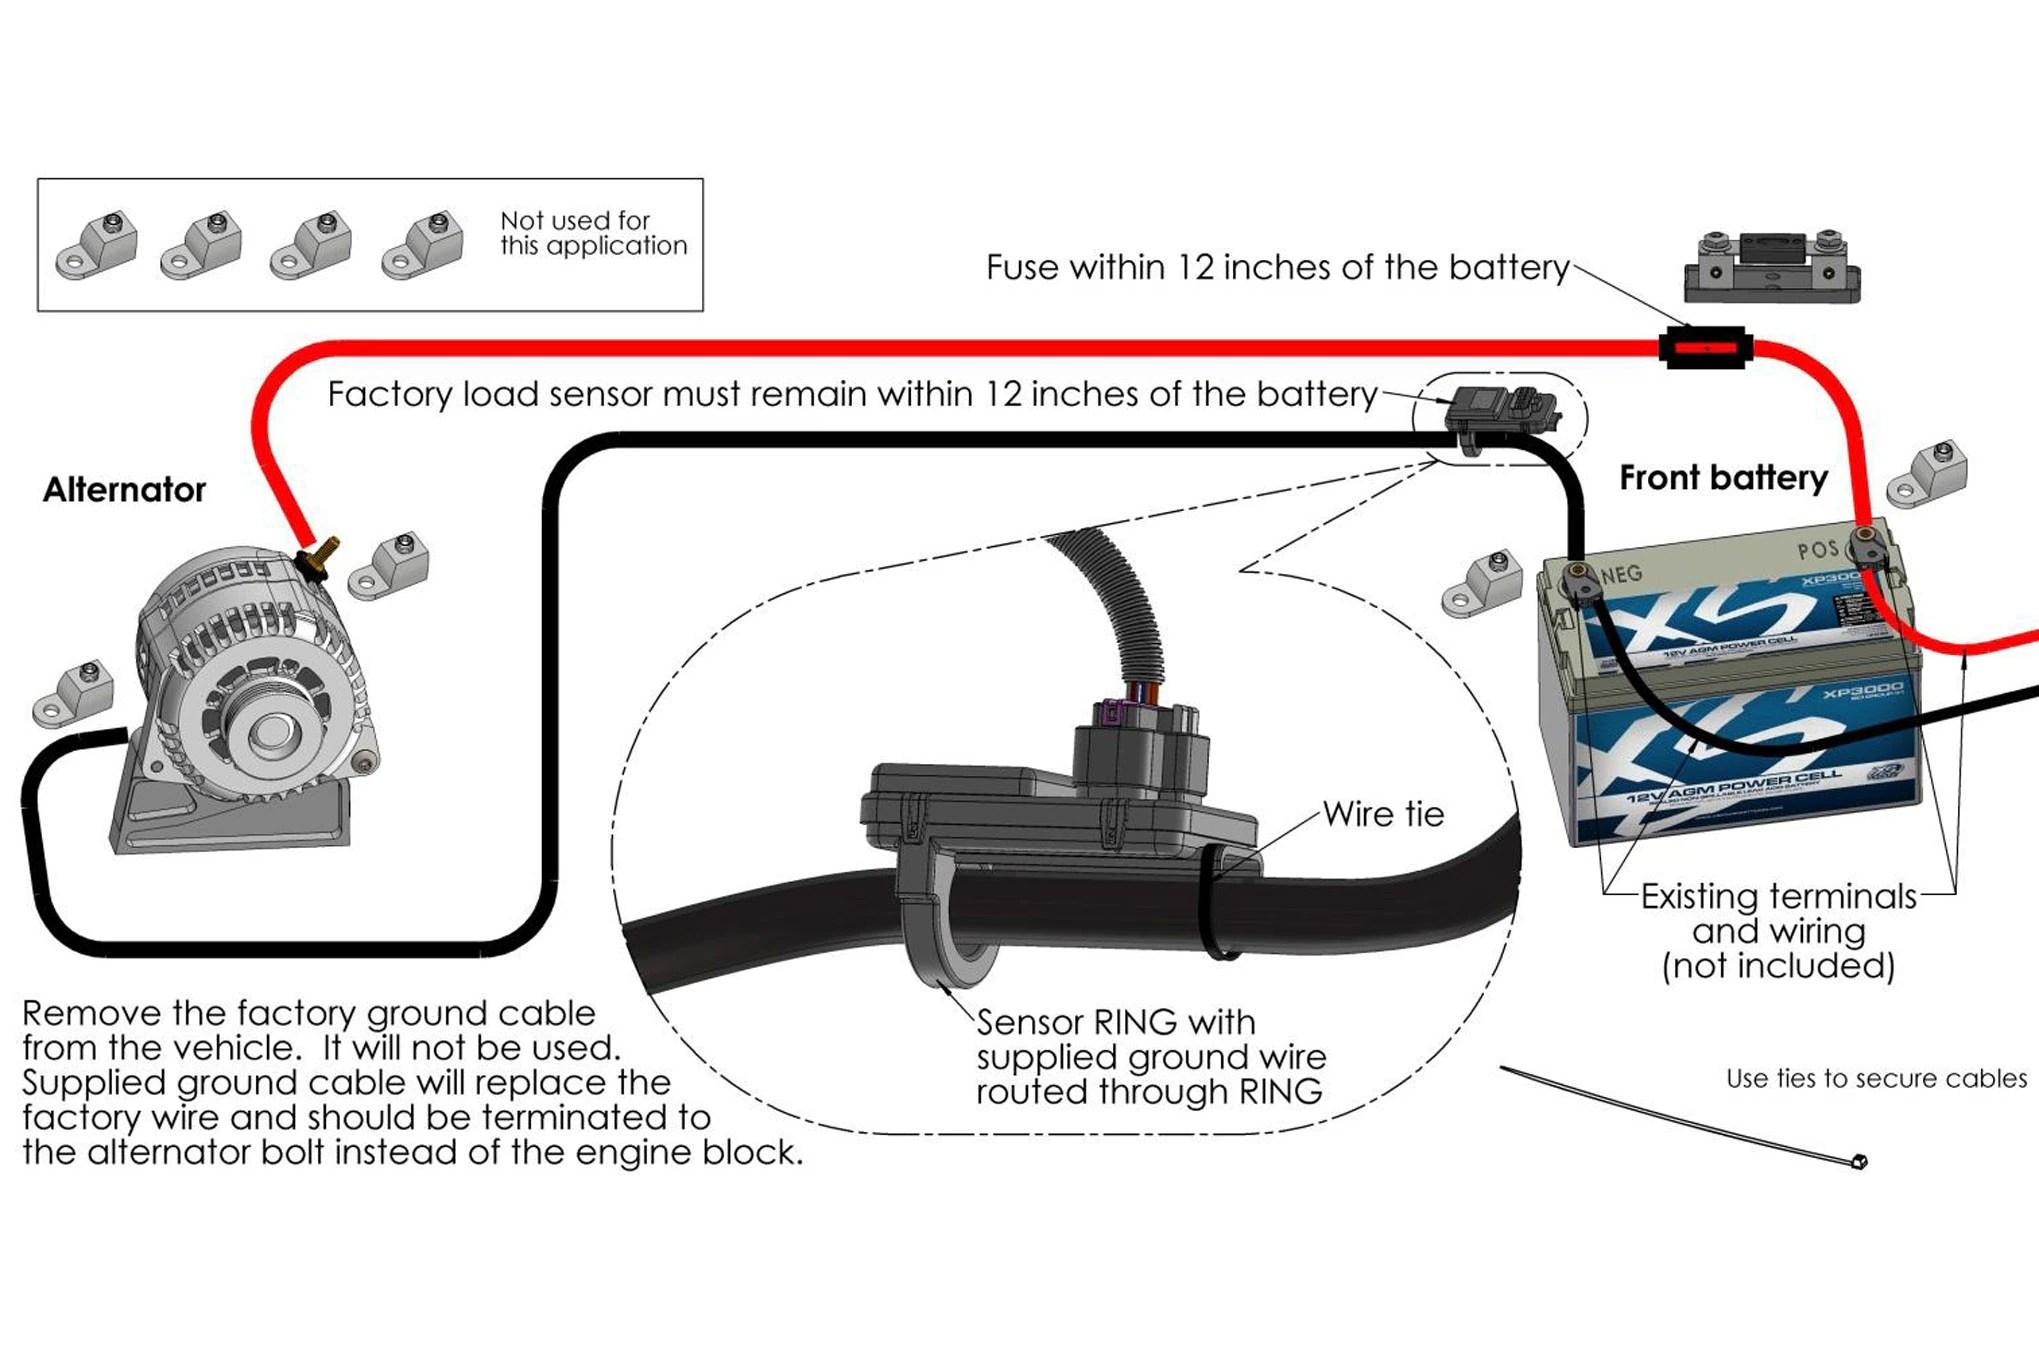 Mechman Alternator Wiring Diagram | Ford F550 Wiring Diagram For Alt |  | Wiring Diagram